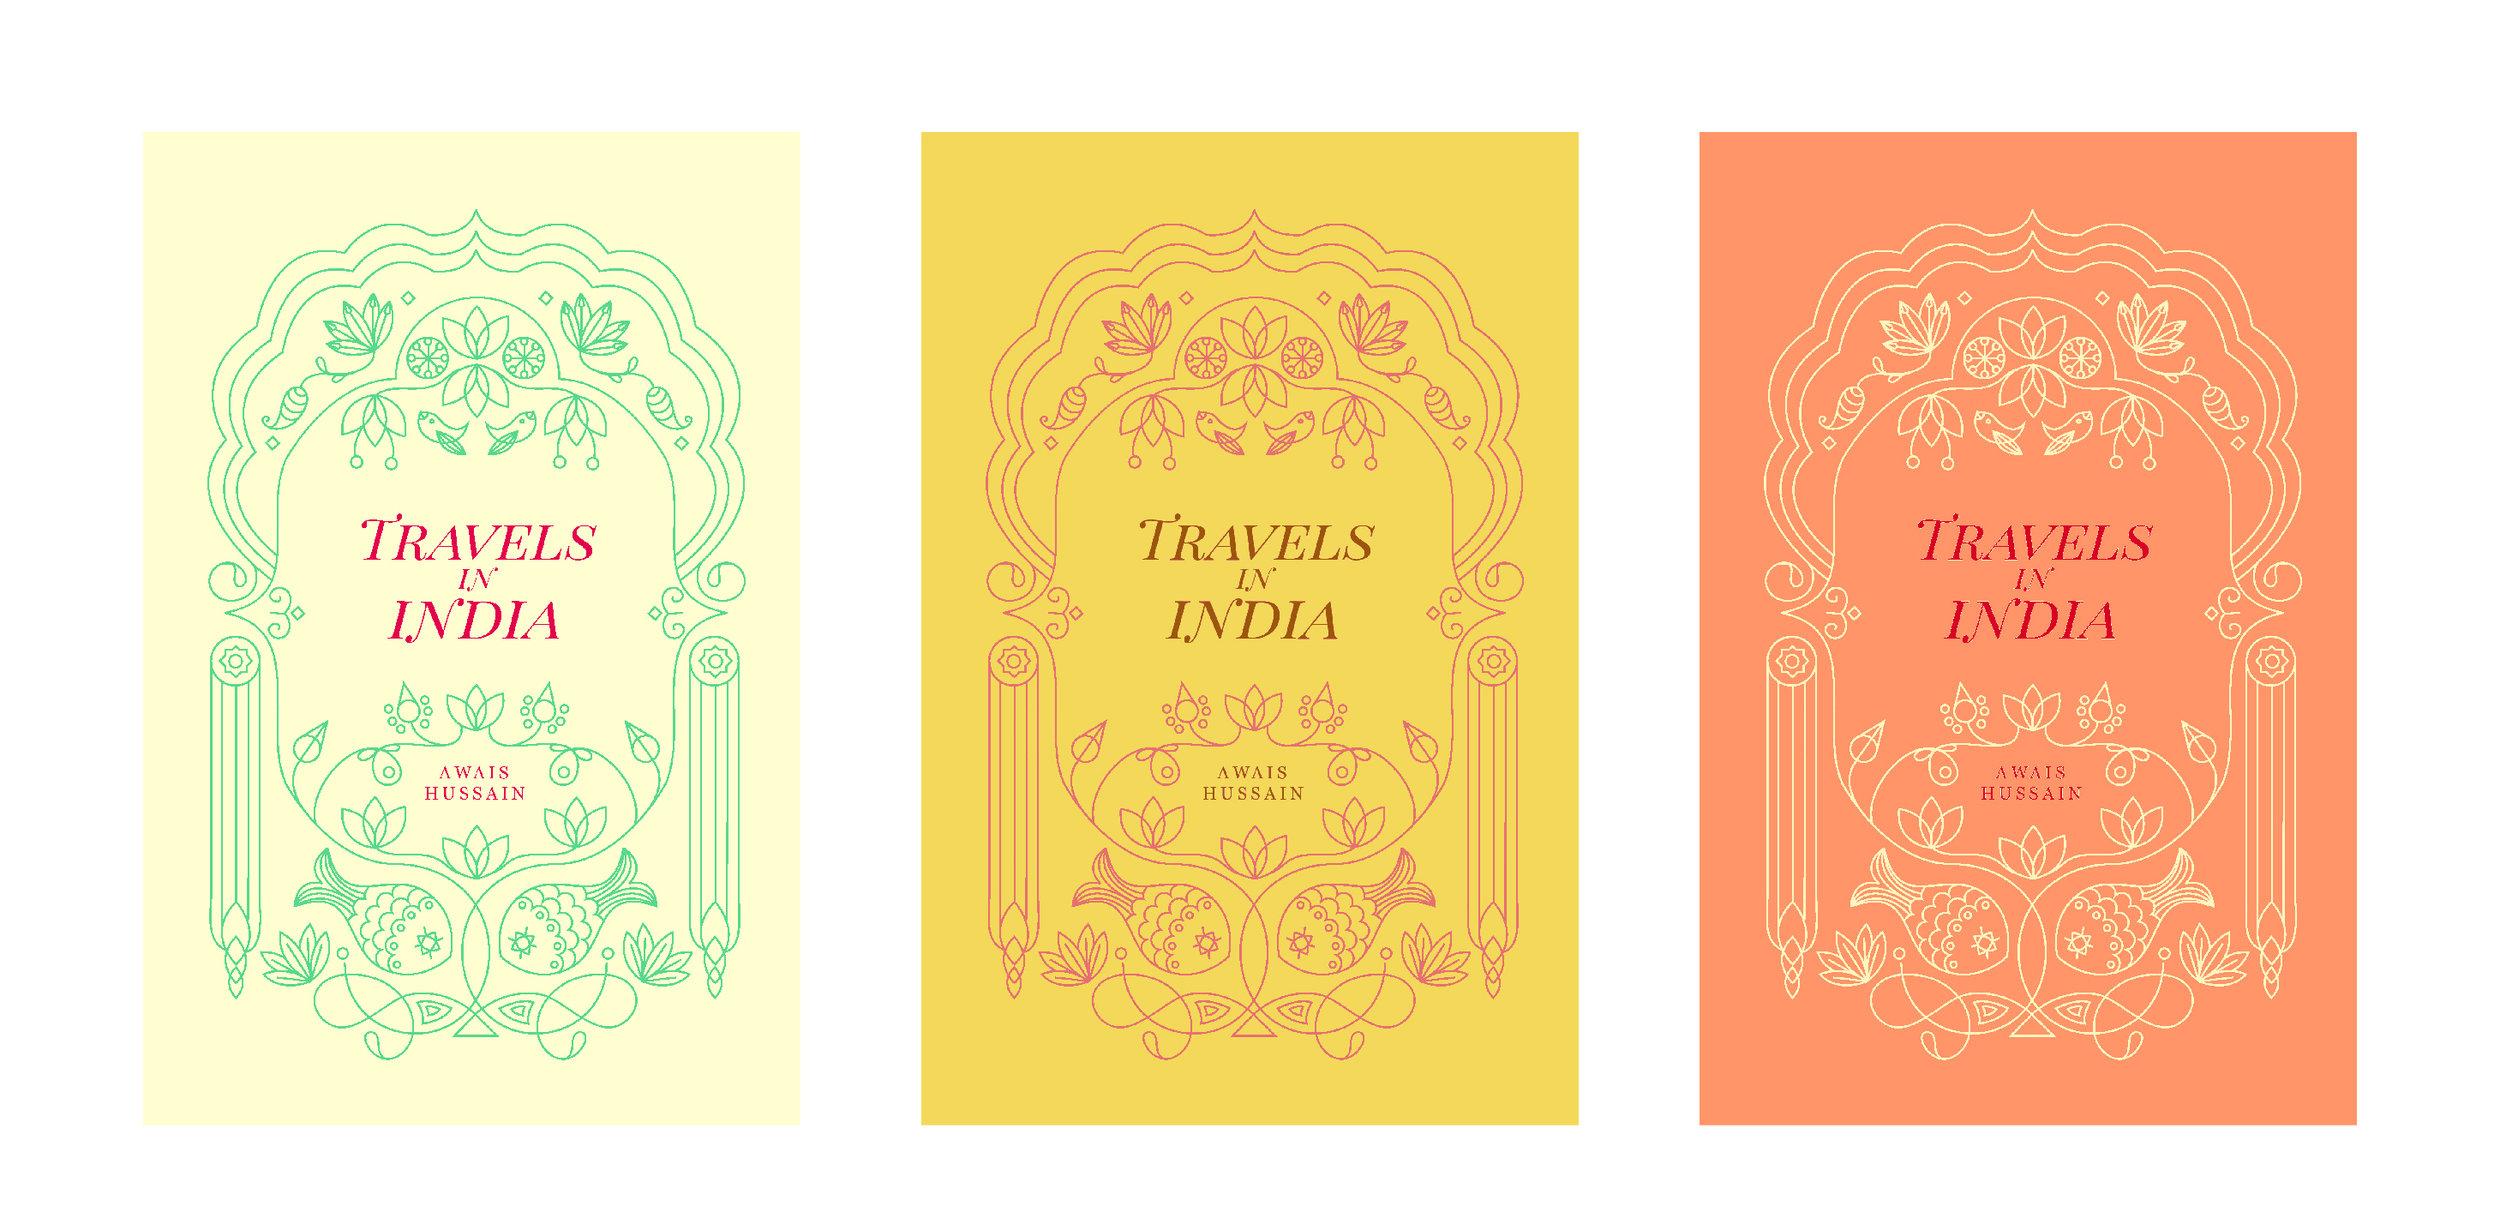 Travels in India portfolio-02.jpg